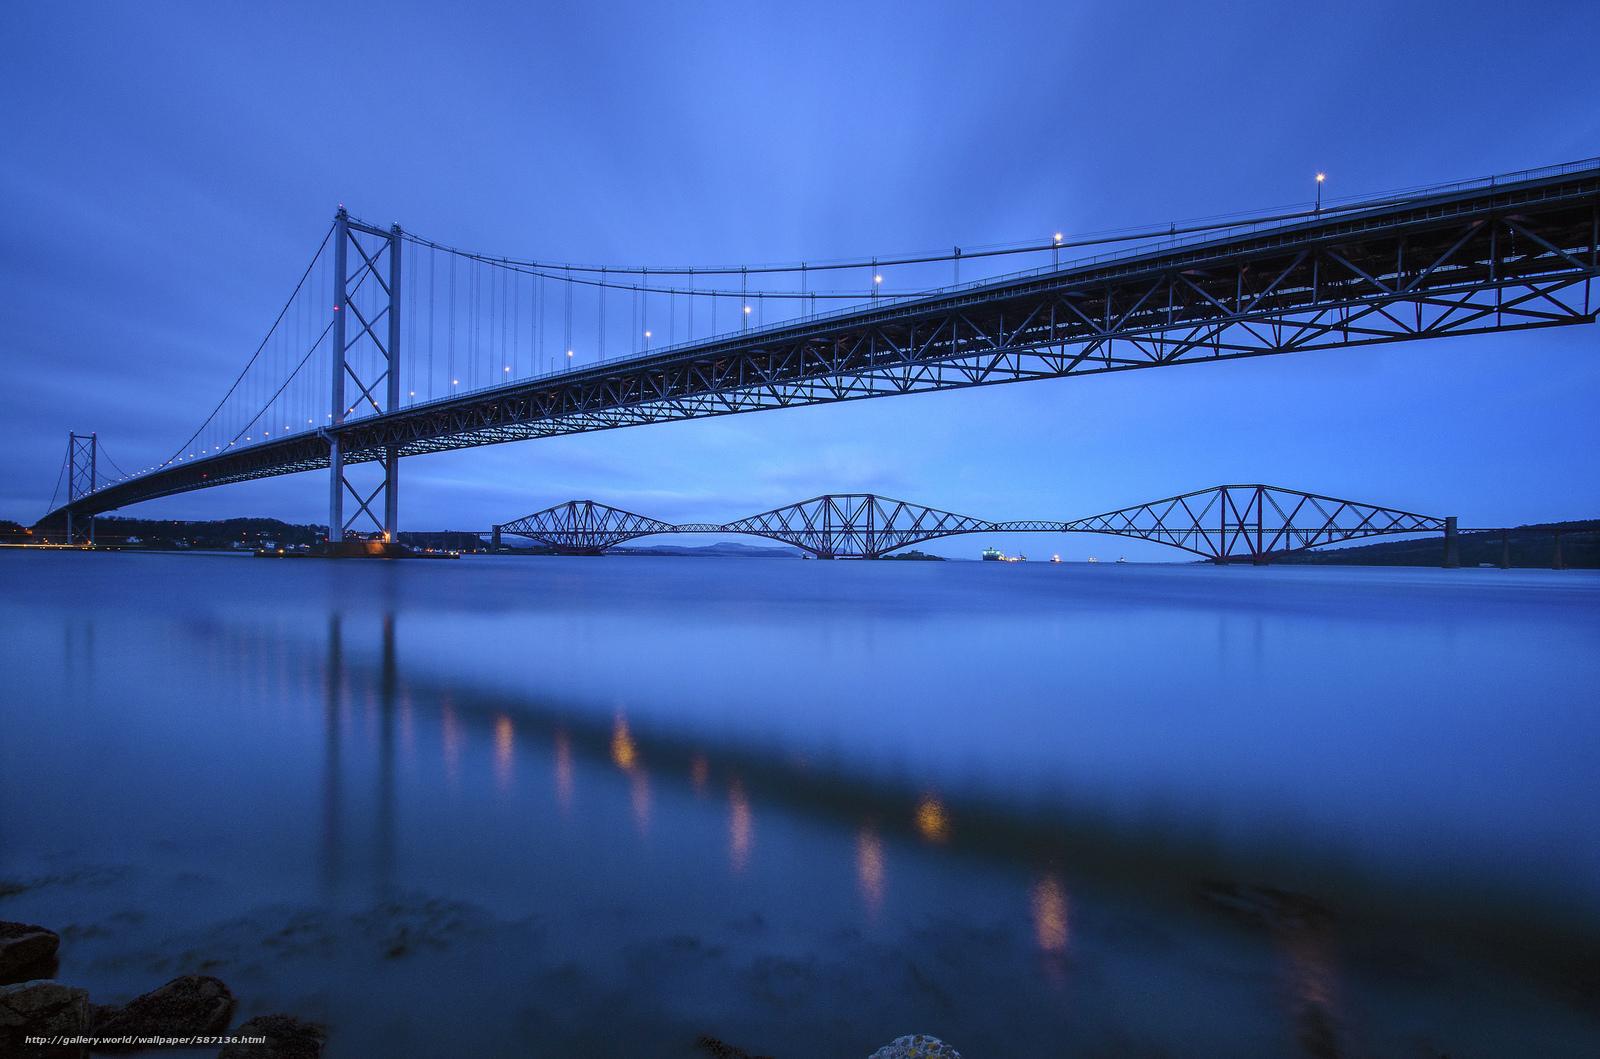 Скачать обои Шотландия,  синее,  мост,  река бесплатно для рабочего стола в разрешении 2048x1356 — картинка №587136